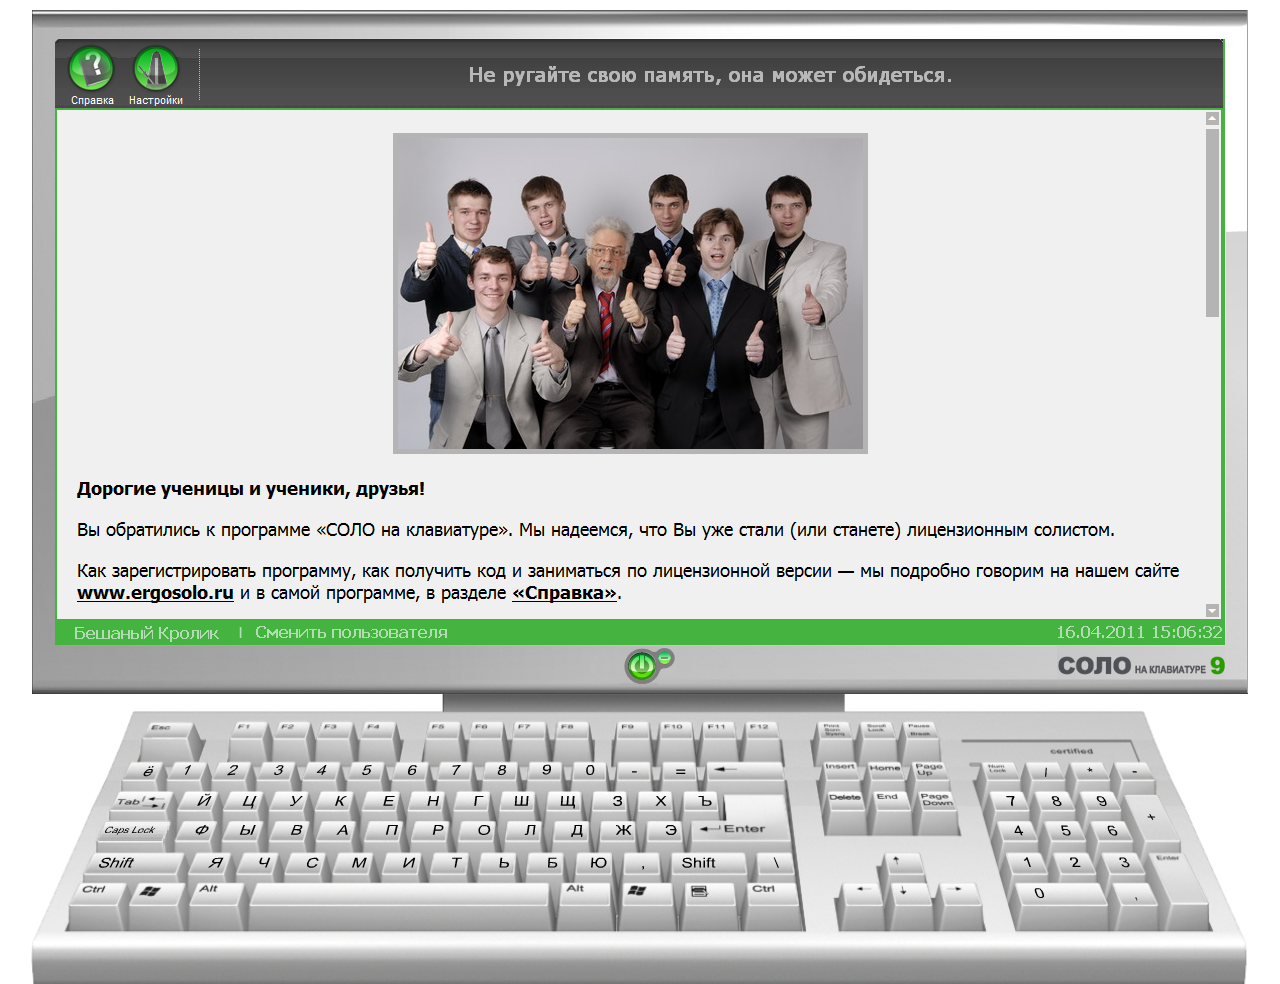 Информация о программе Название Соло на клавиатуре 3 в 1 Год выпуска